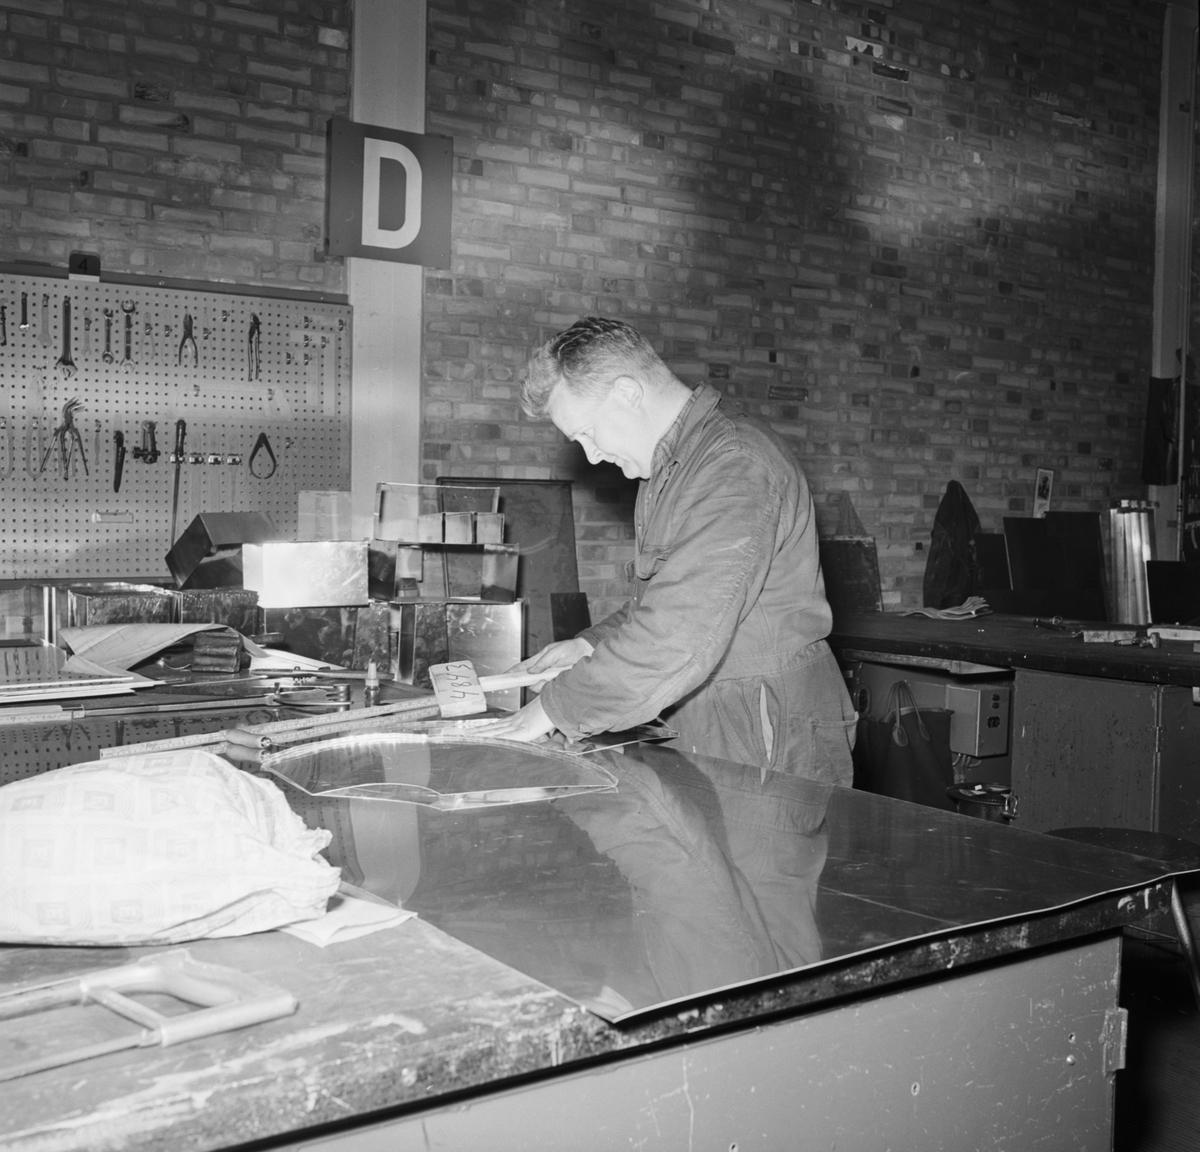 Övrigt: Foto datum: 8/6 1966 Byggnader och kranar Interiör av olika verkstäder. Närmast identisk bild: V36508, ej skannad